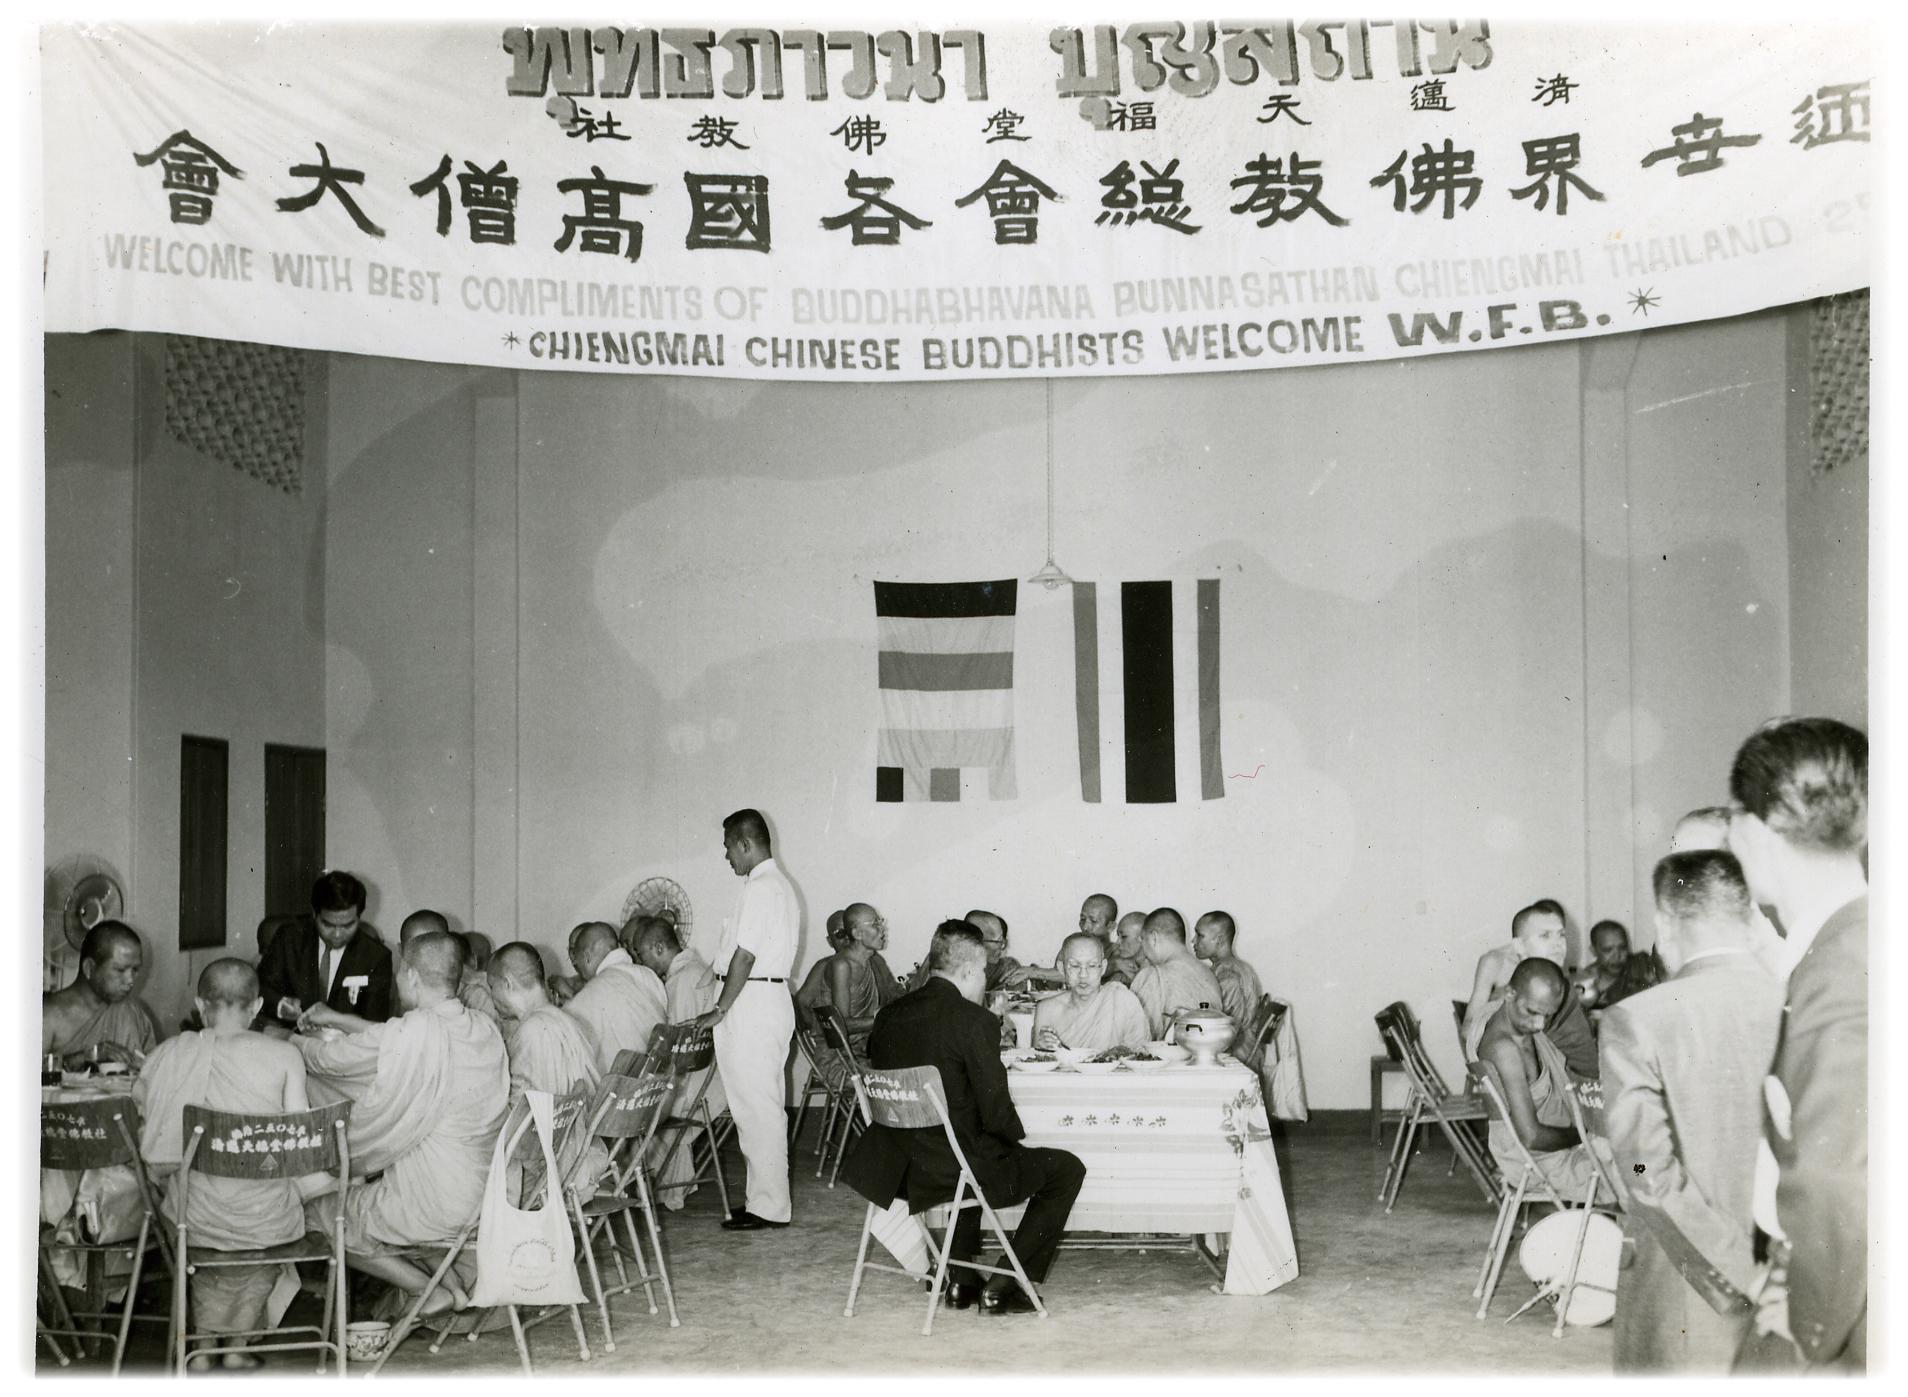 第八屆世界佛教徒友誼會